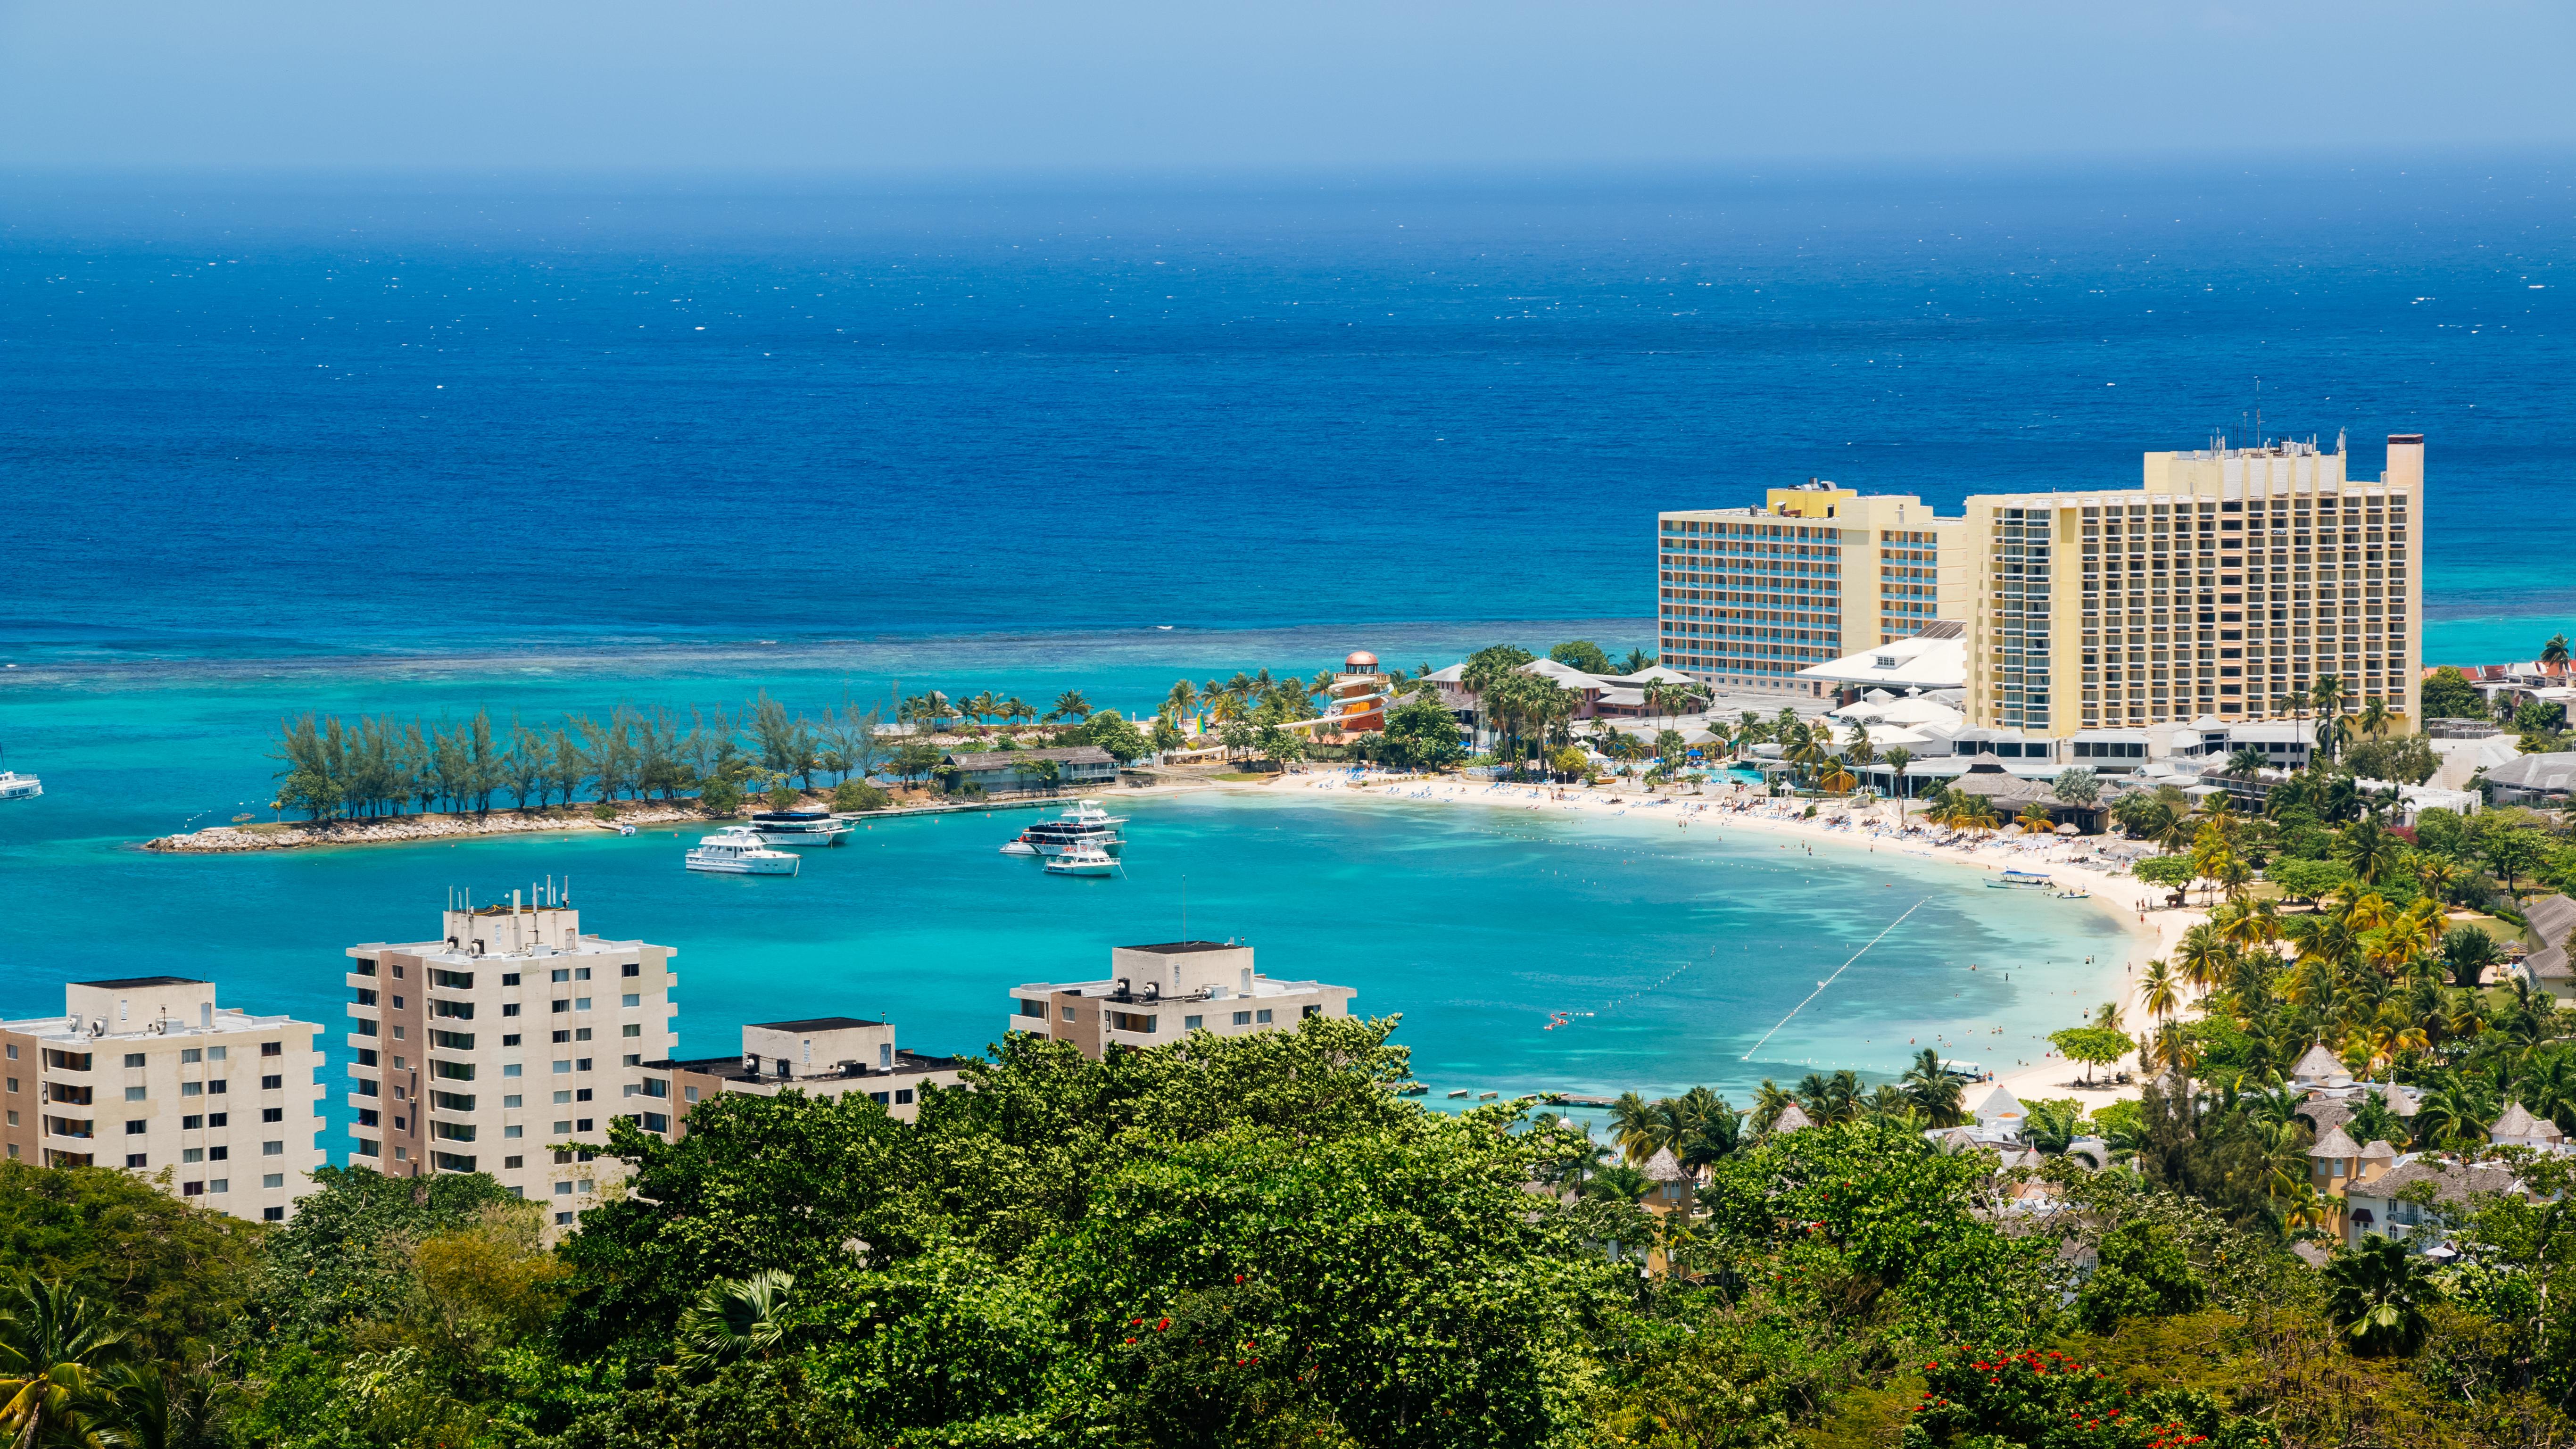 Бухта Очо Риос на Ямайке, визу в которую могут оформить иностранцы